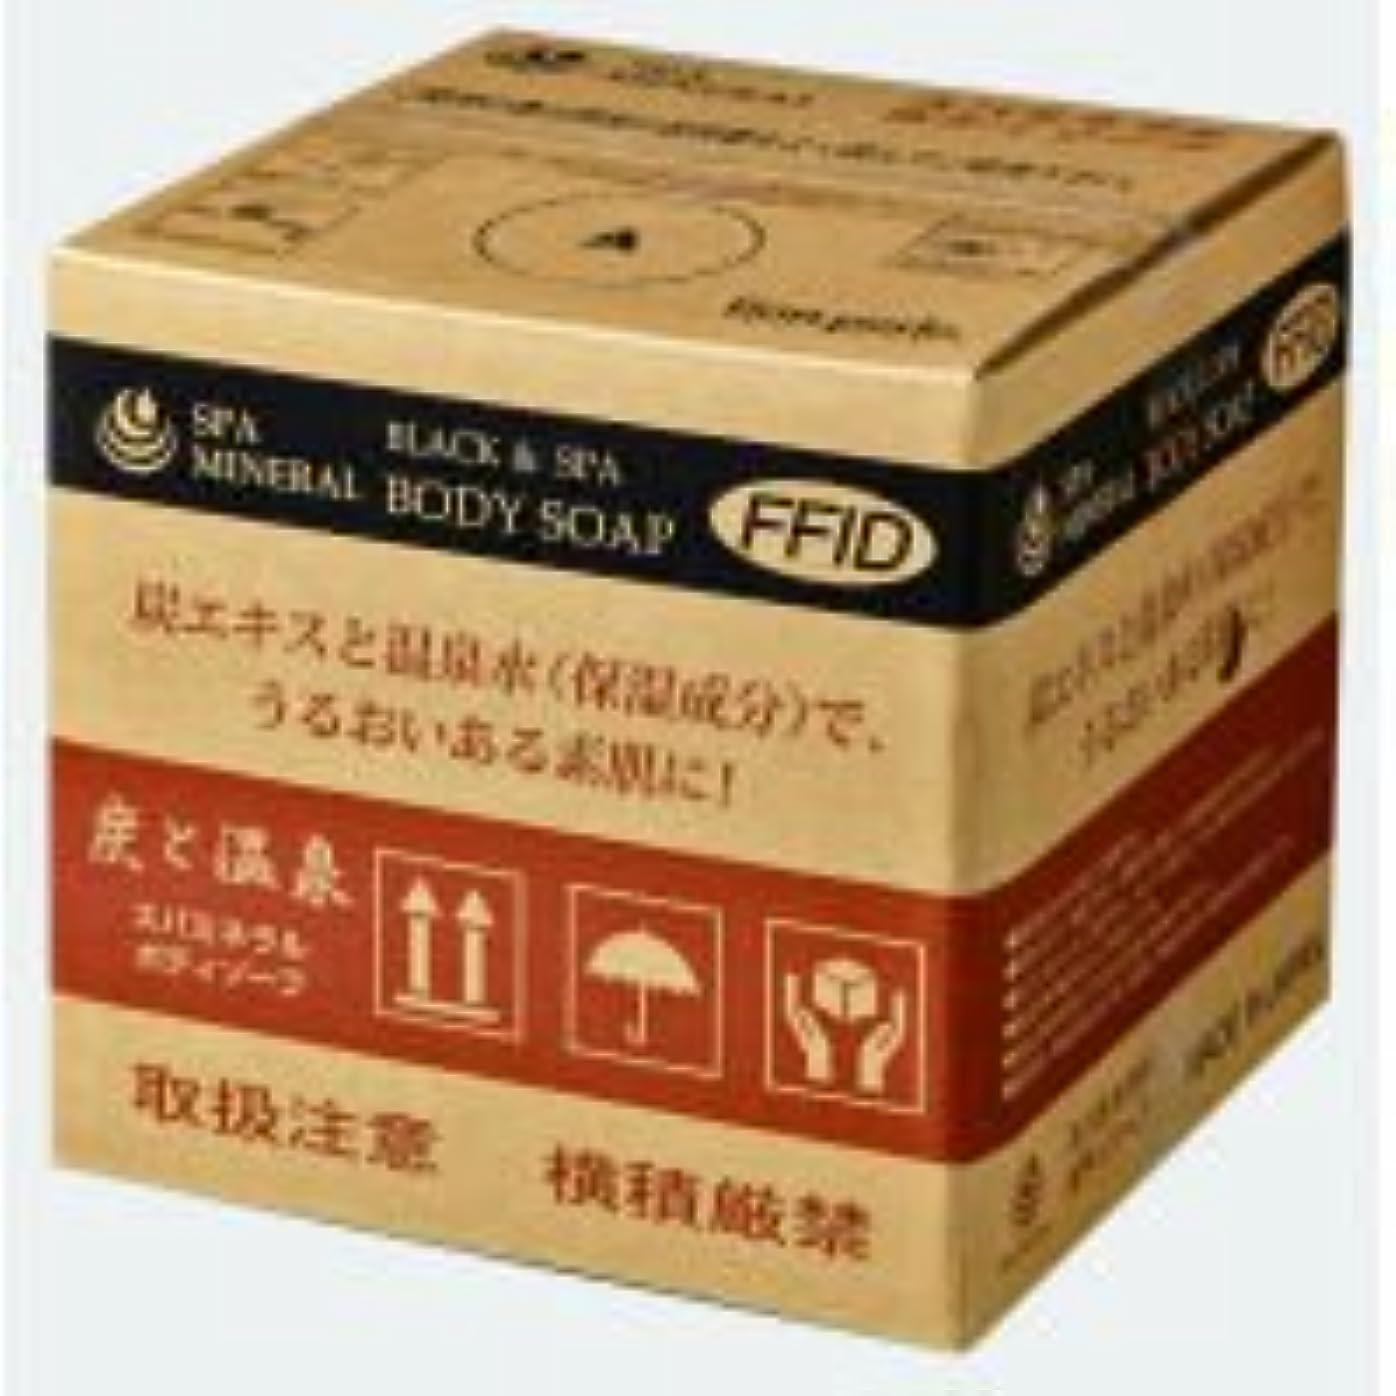 シェードご覧くださいそれに応じてスパミネラル 炭ボディソープ 20kg 詰替用